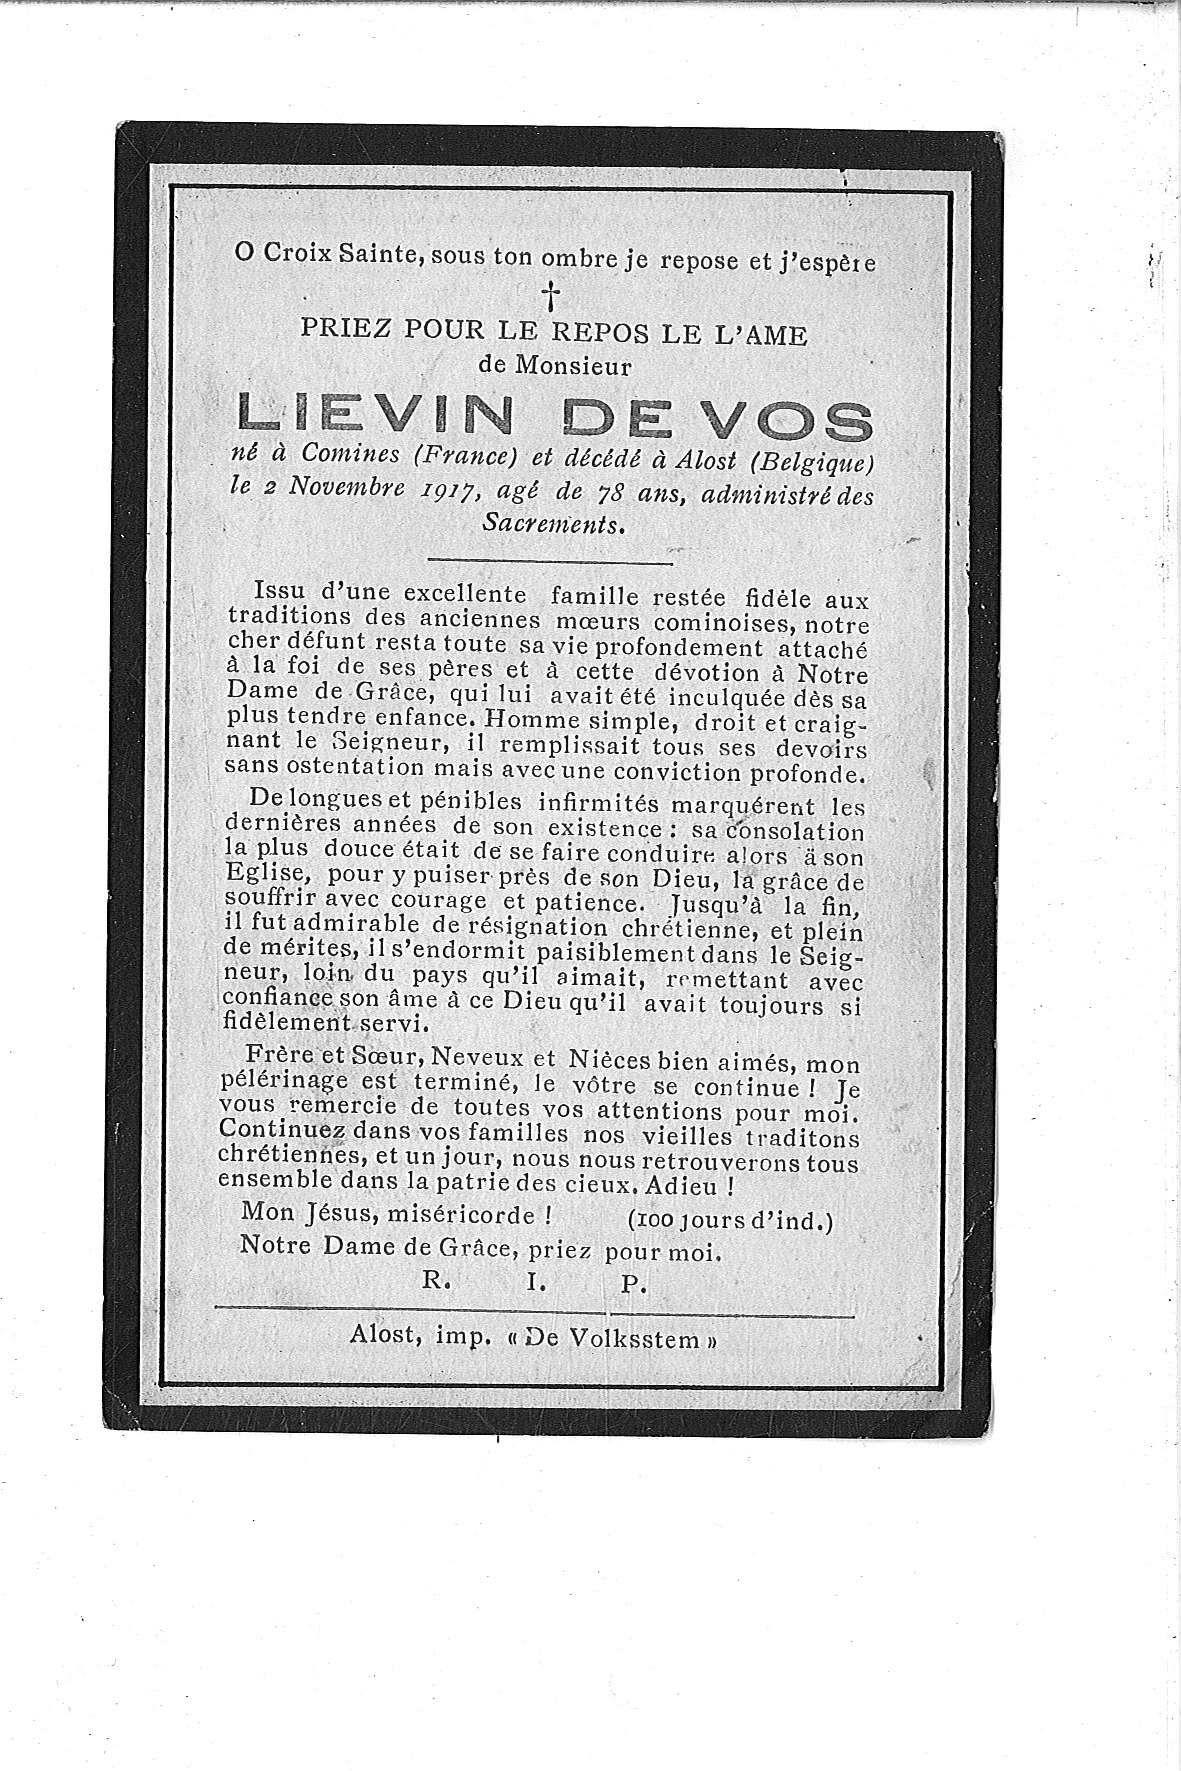 Lievin (1917) 20120306123740_00011.jpg